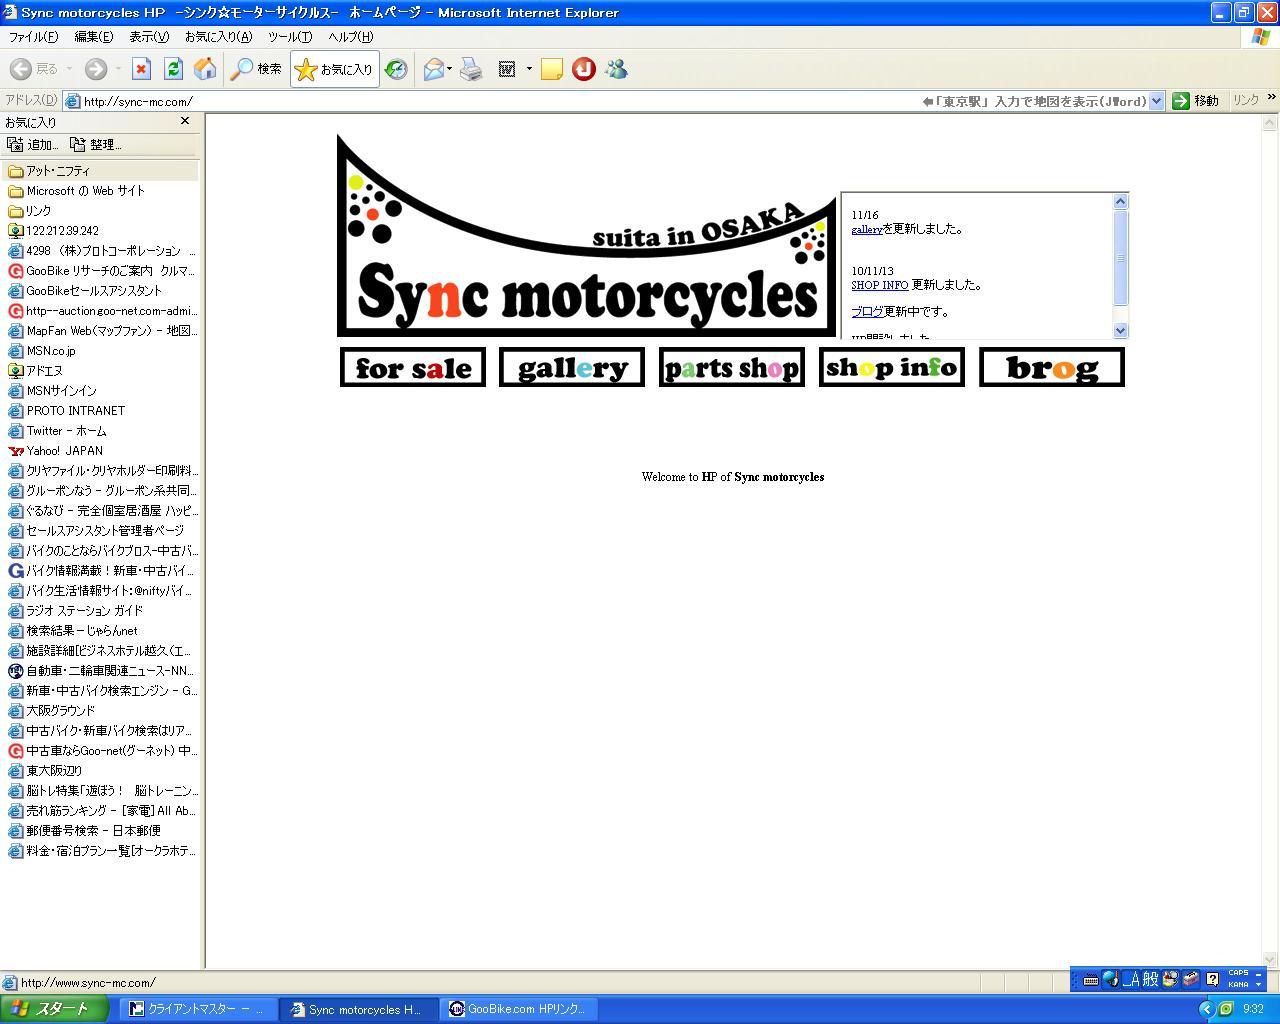 Sync motor cycles シンクモーターサイクルス